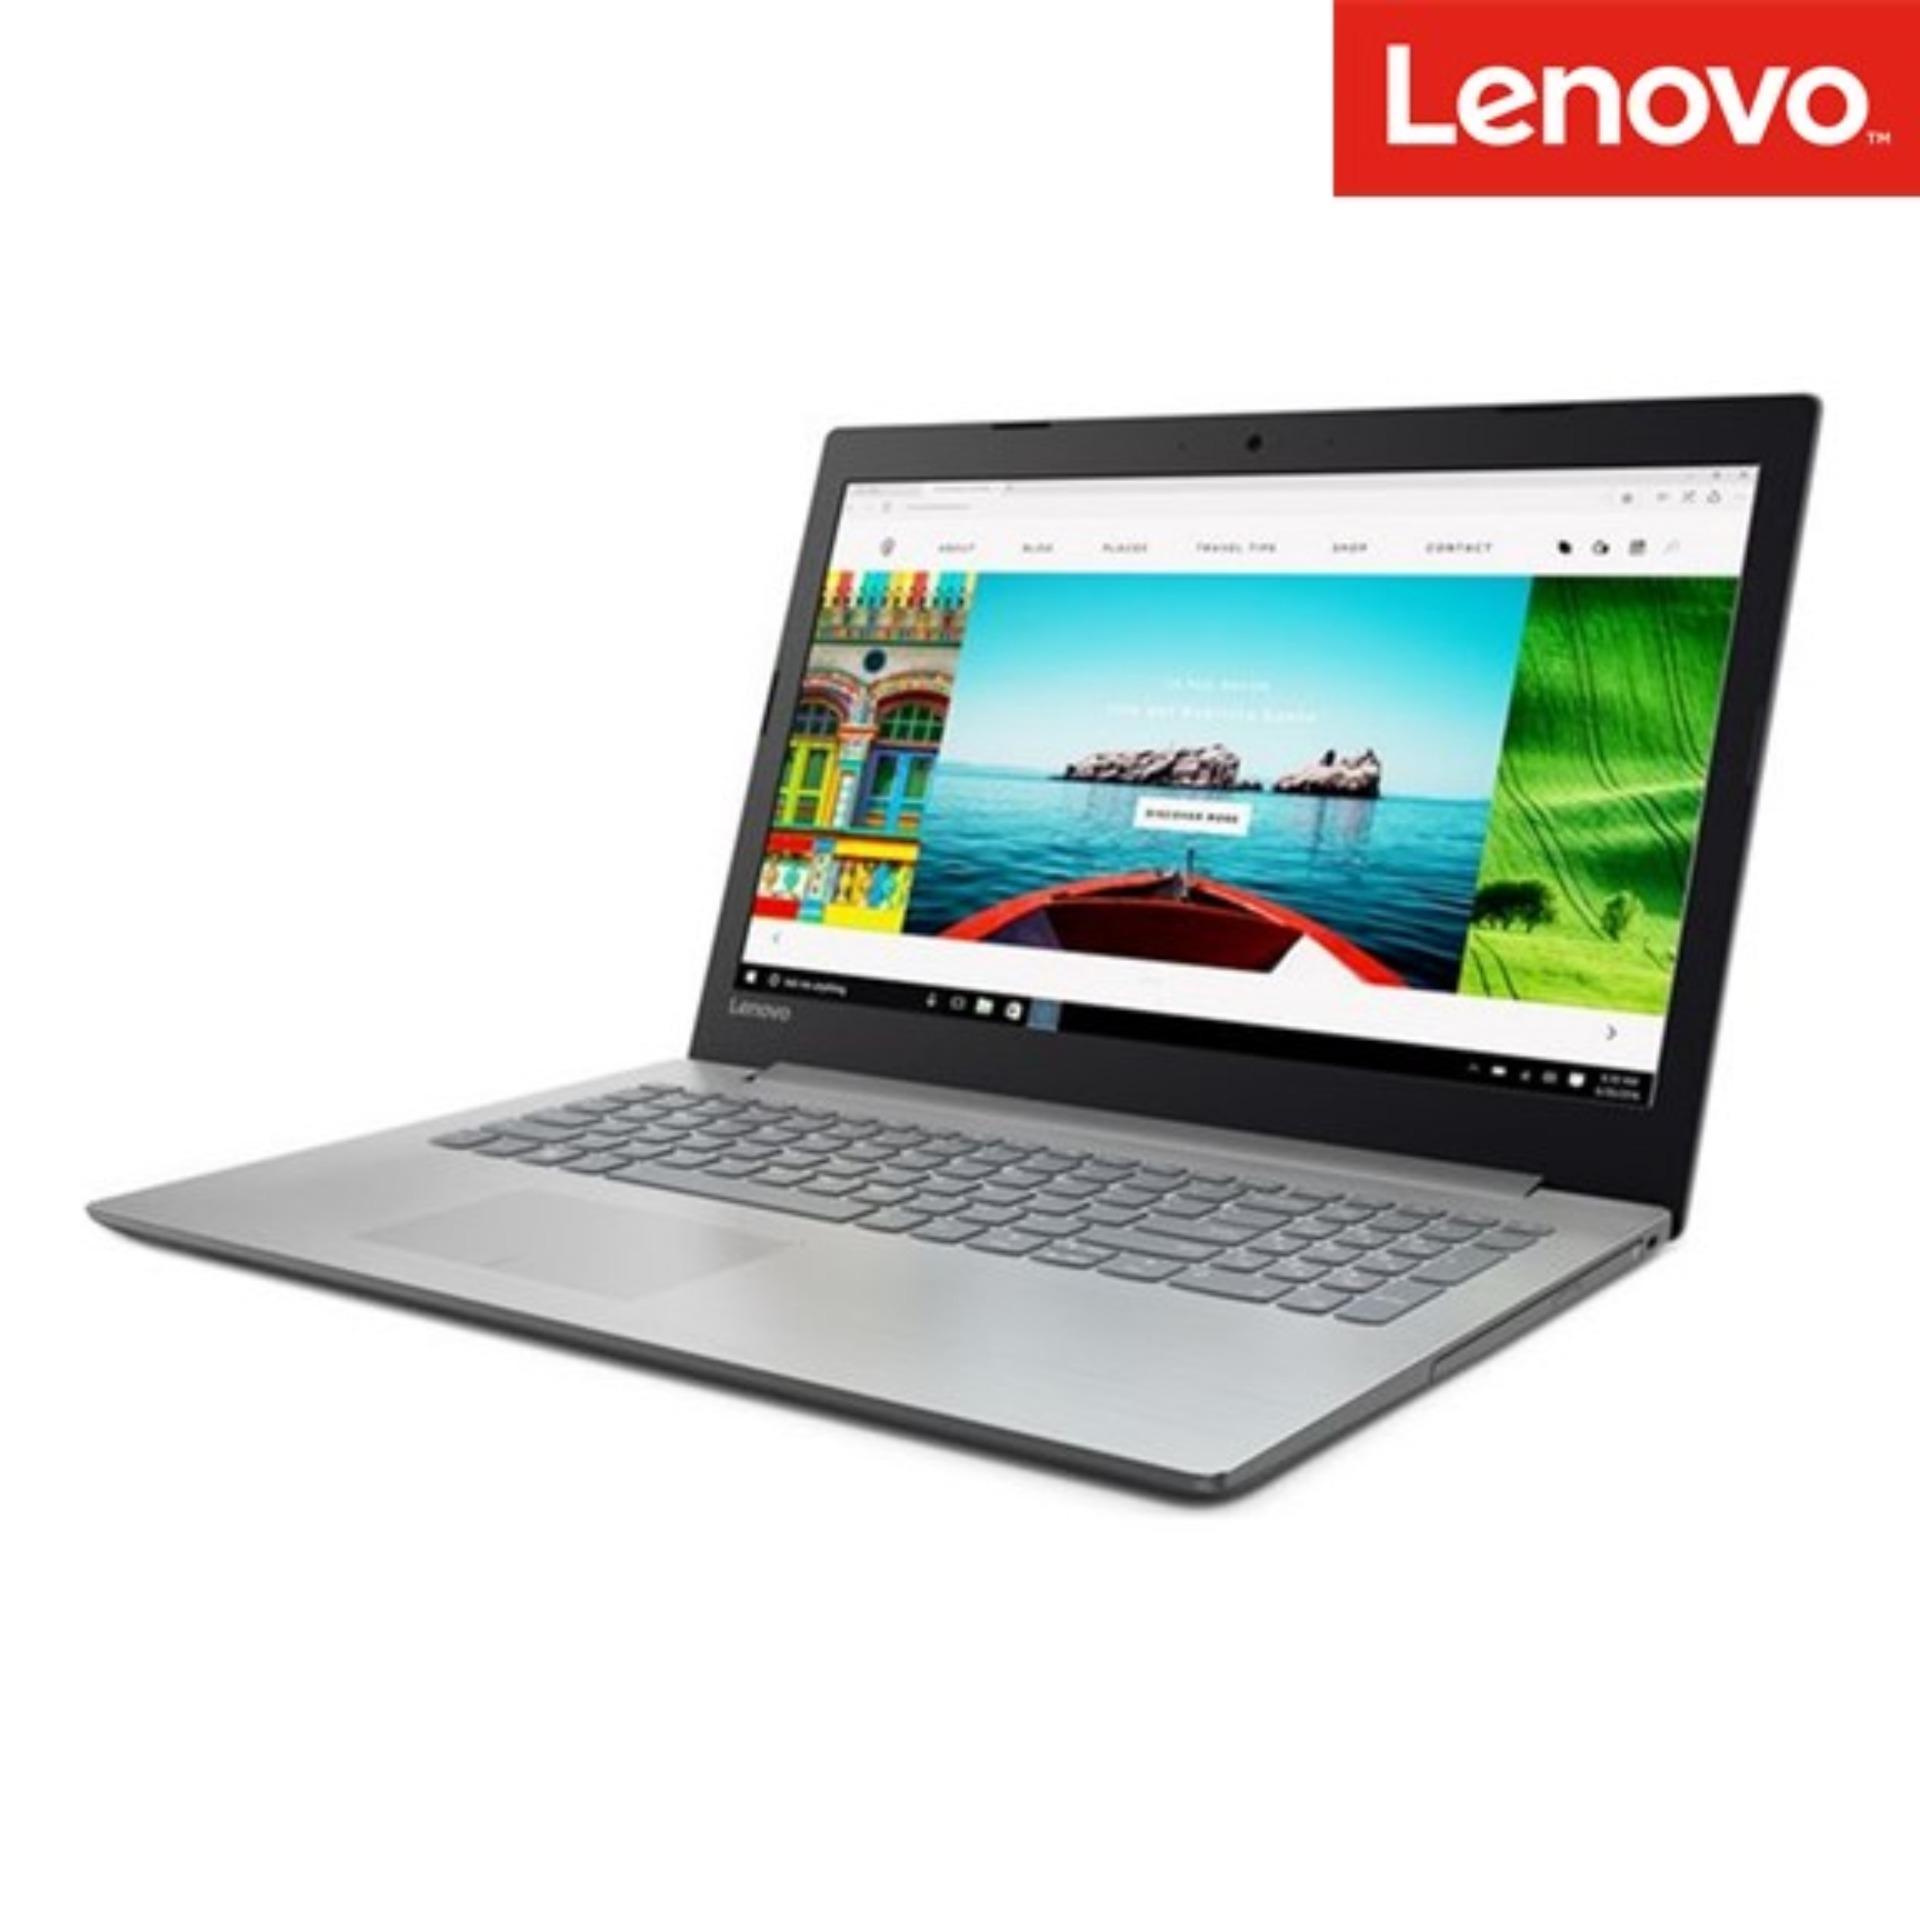 Lenovo IdeaPad 330-14IGM-1RID Intel Celeron N4000 (4GB DDR4 - 500GB - Integrated - Windows 10 Home - 2 Year Warranty - GRAY)